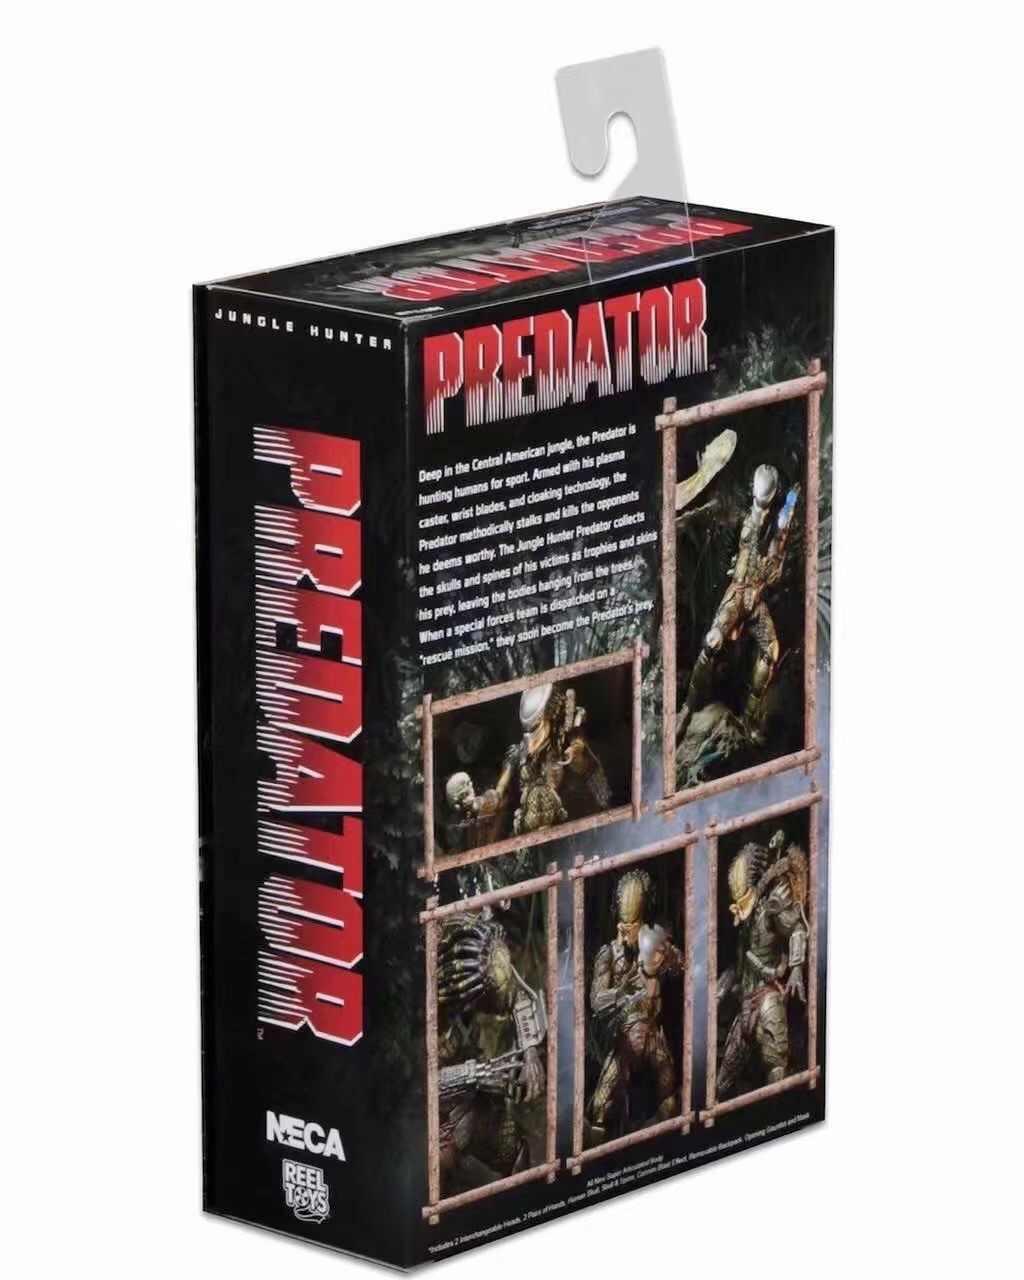 Neca AVP Alien Vs Predator Seri Alien Perjanjian Tua Predator Ular Pemburu Youngblood Predator Film Mainan Action Figure